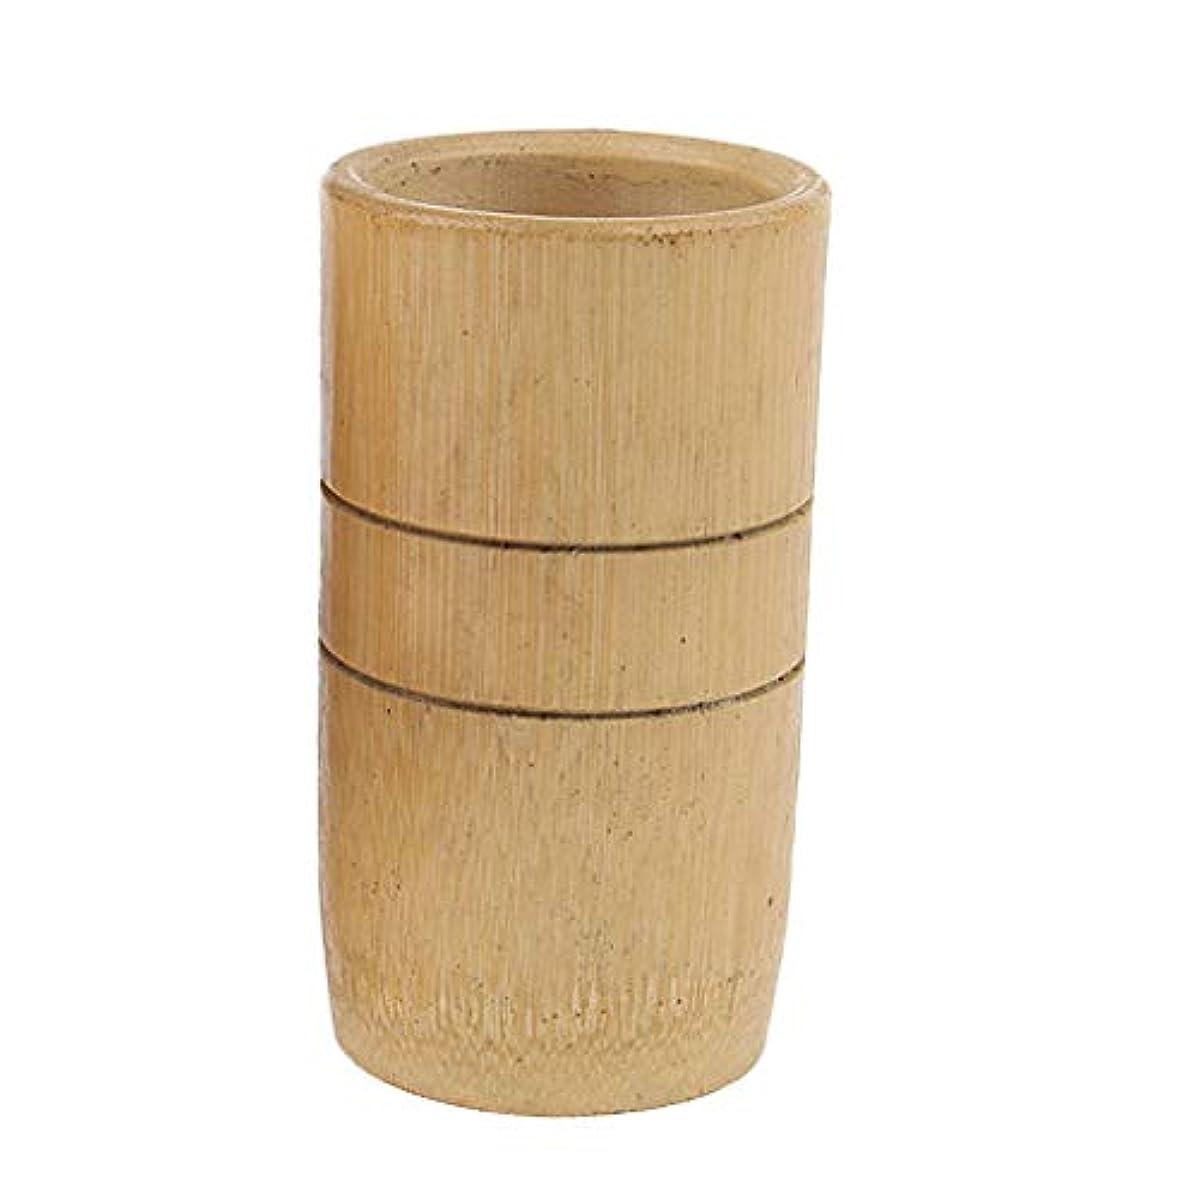 で出来ているファブリック平行sharprepublic マッサージ吸い玉 カッピングカップ 天然竹製 サロン 家庭用 2個入